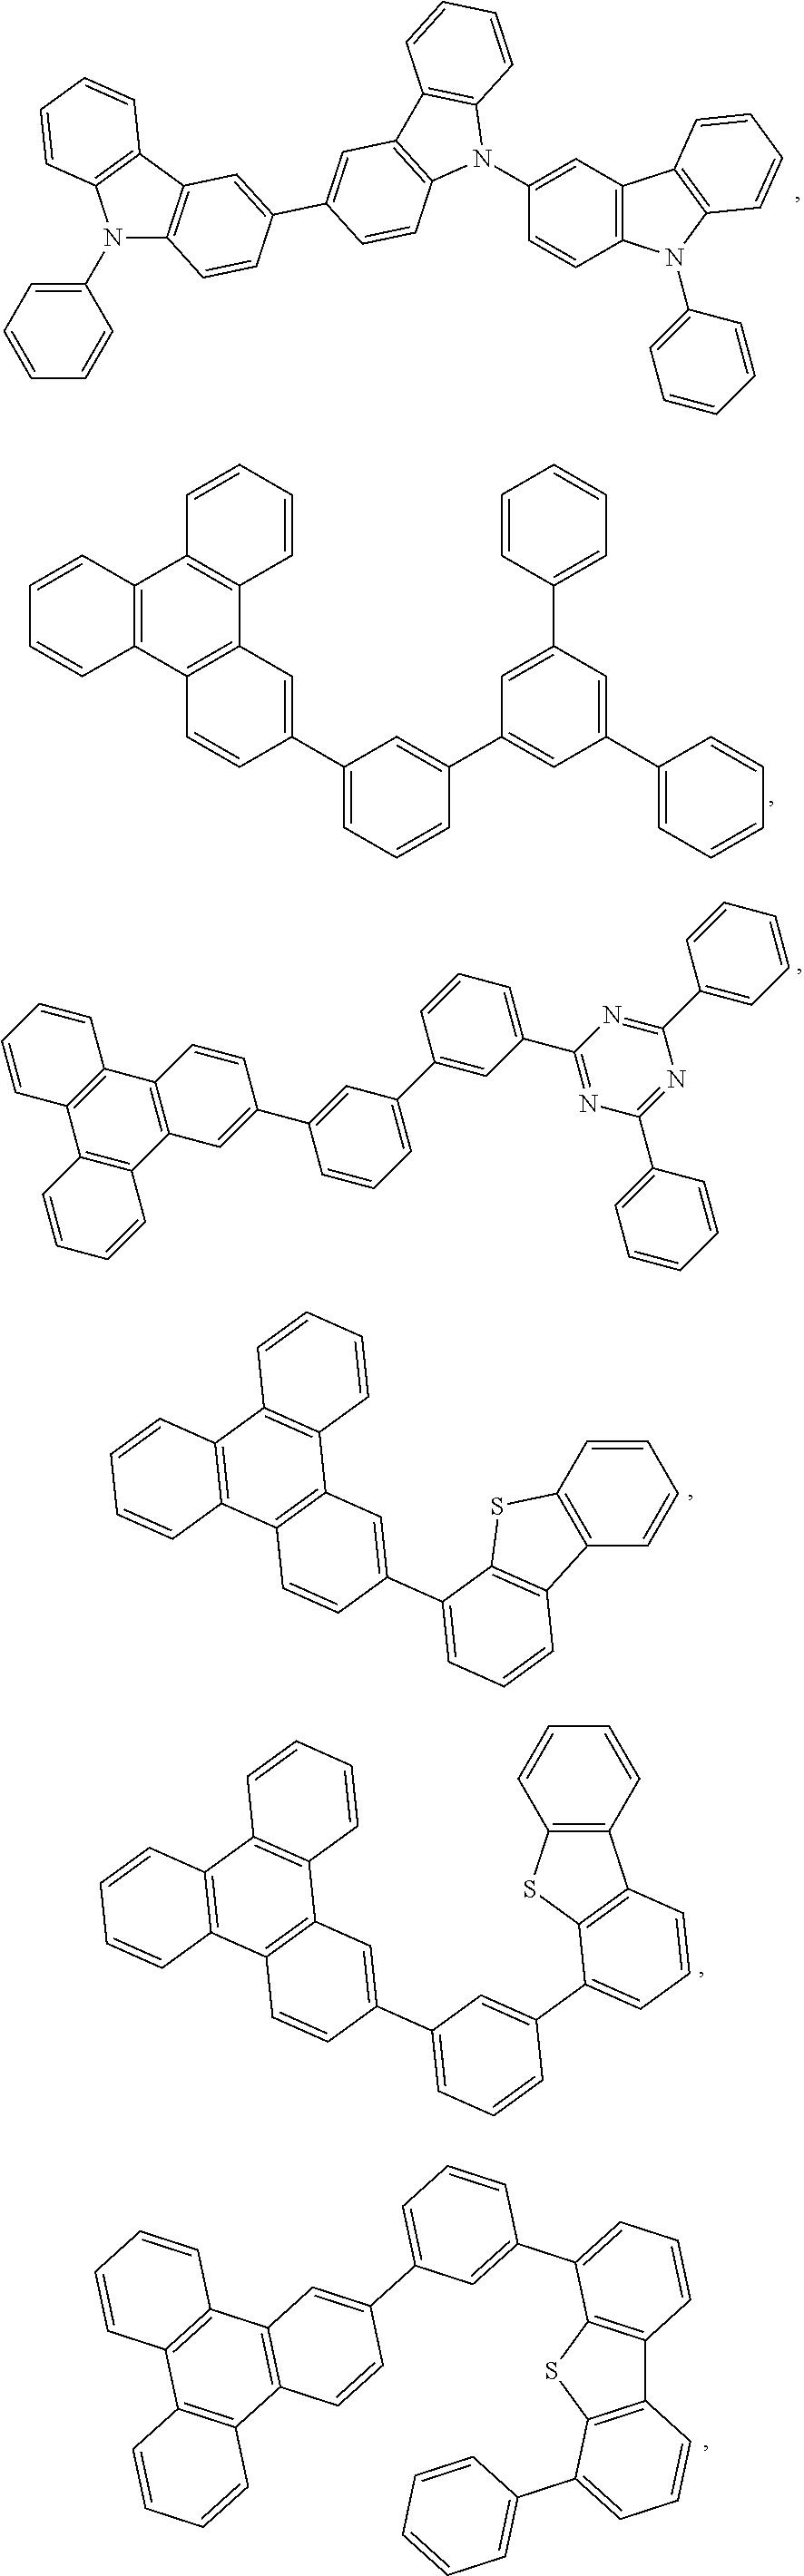 Figure US20180130962A1-20180510-C00139